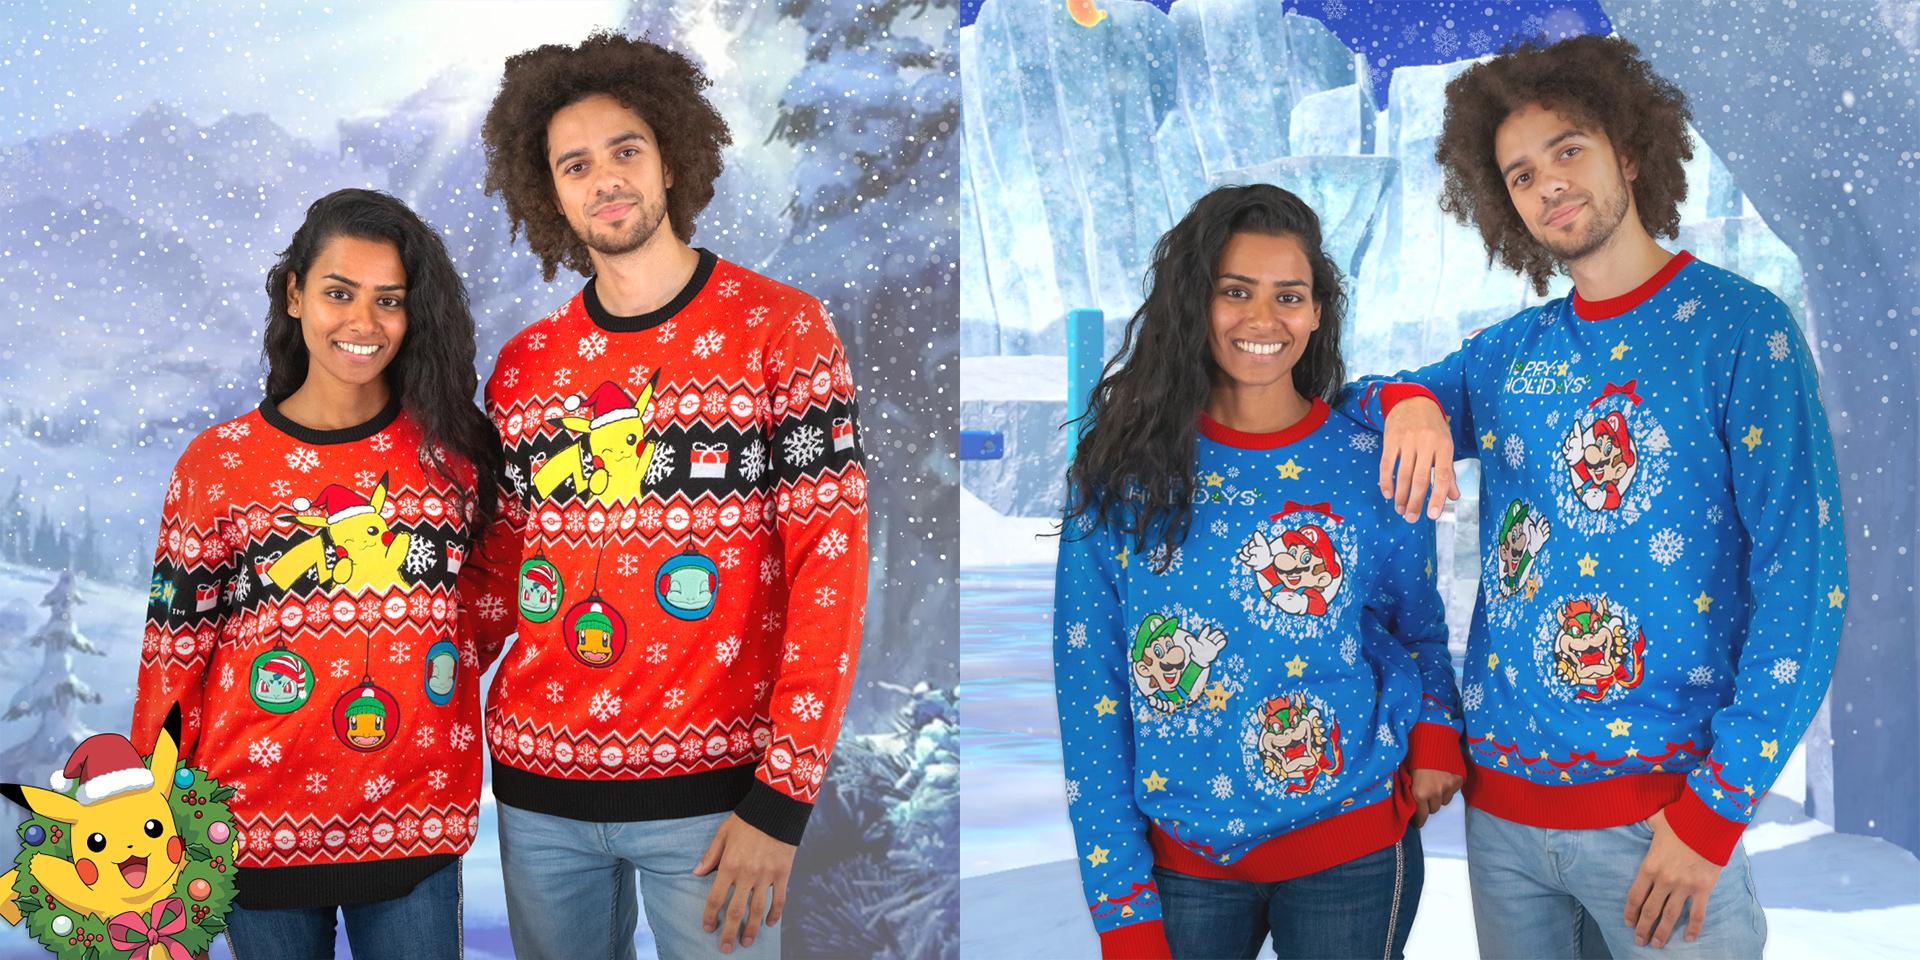 任天堂推出三款圣诞节主题毛衣 约合人民币358元